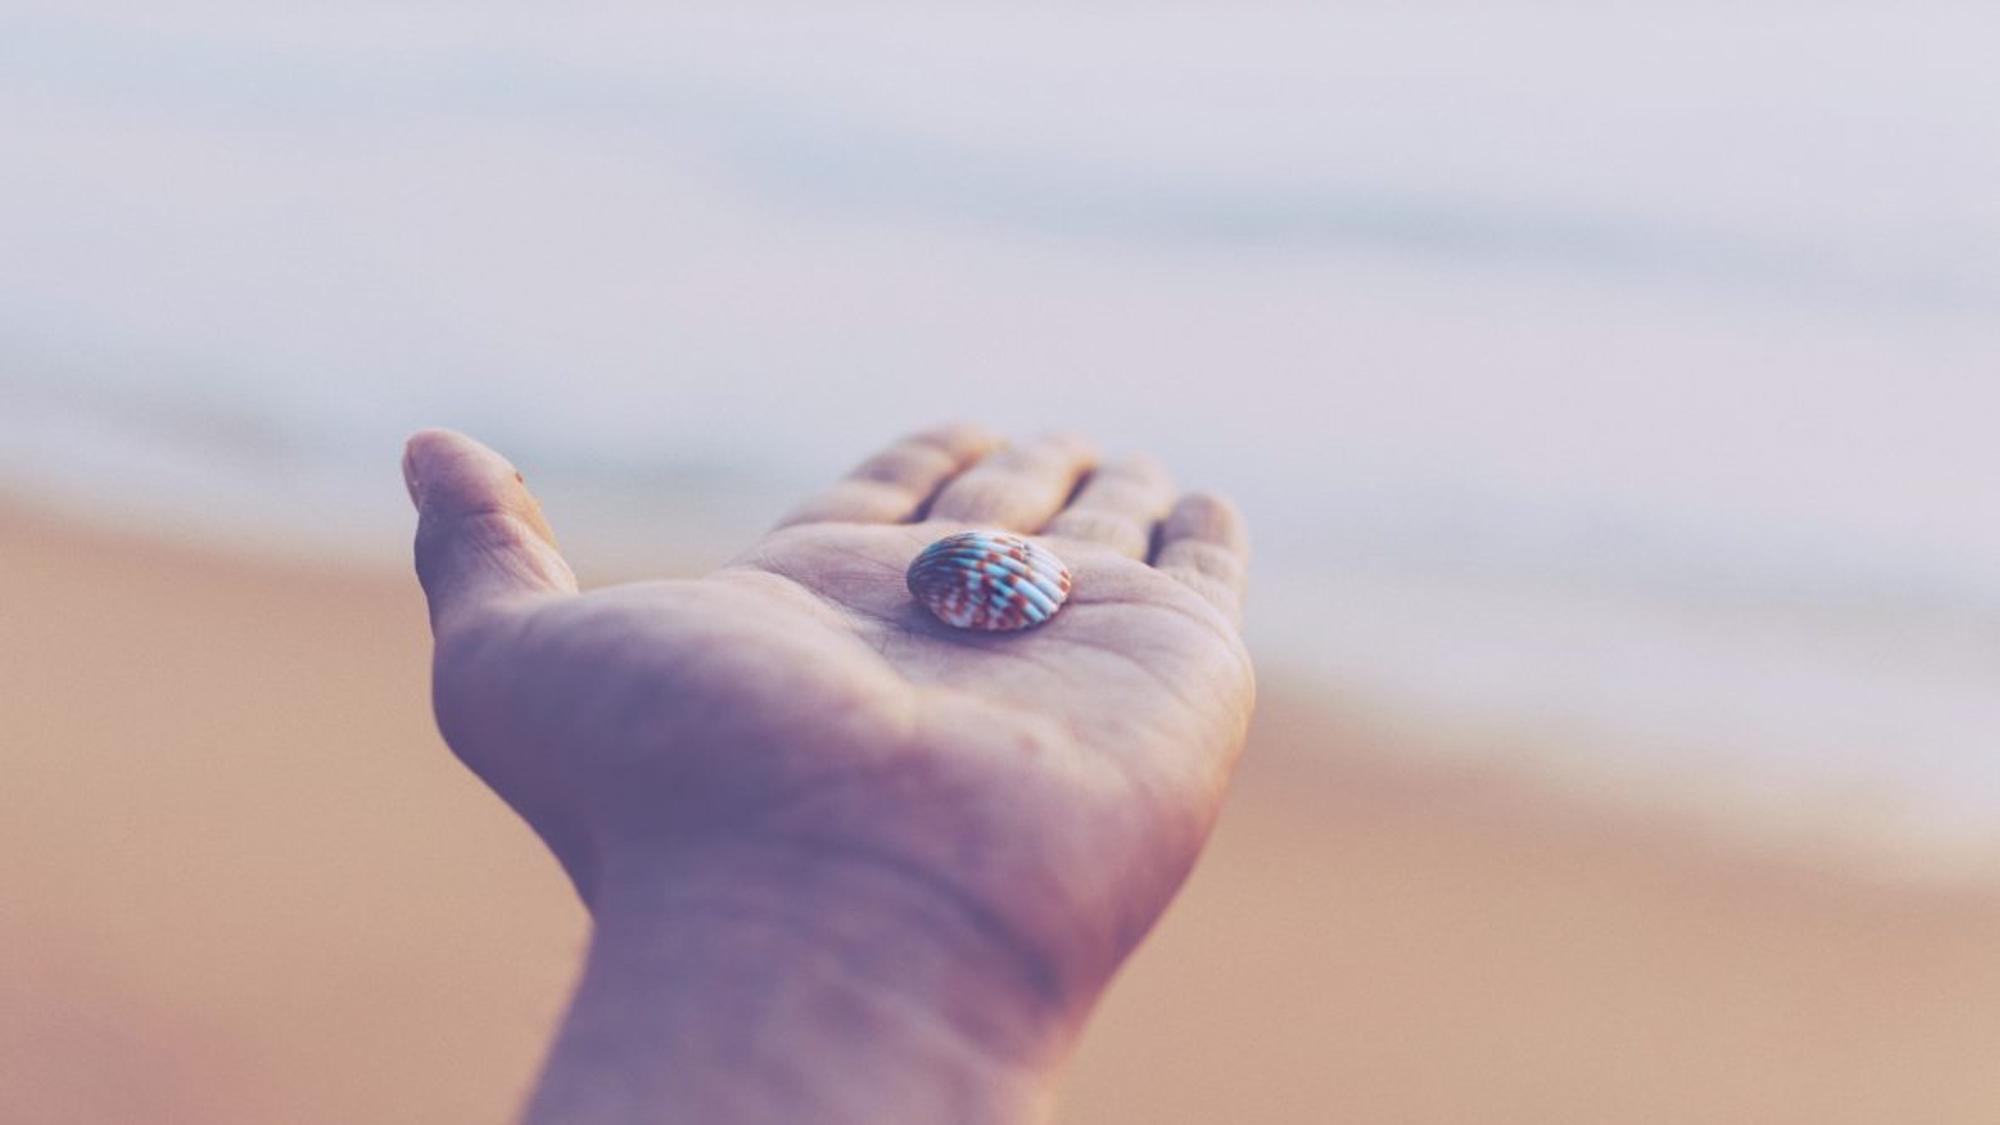 Schmuck Basteln Die Schönsten Ideen Mit Strandfunden Herzstück